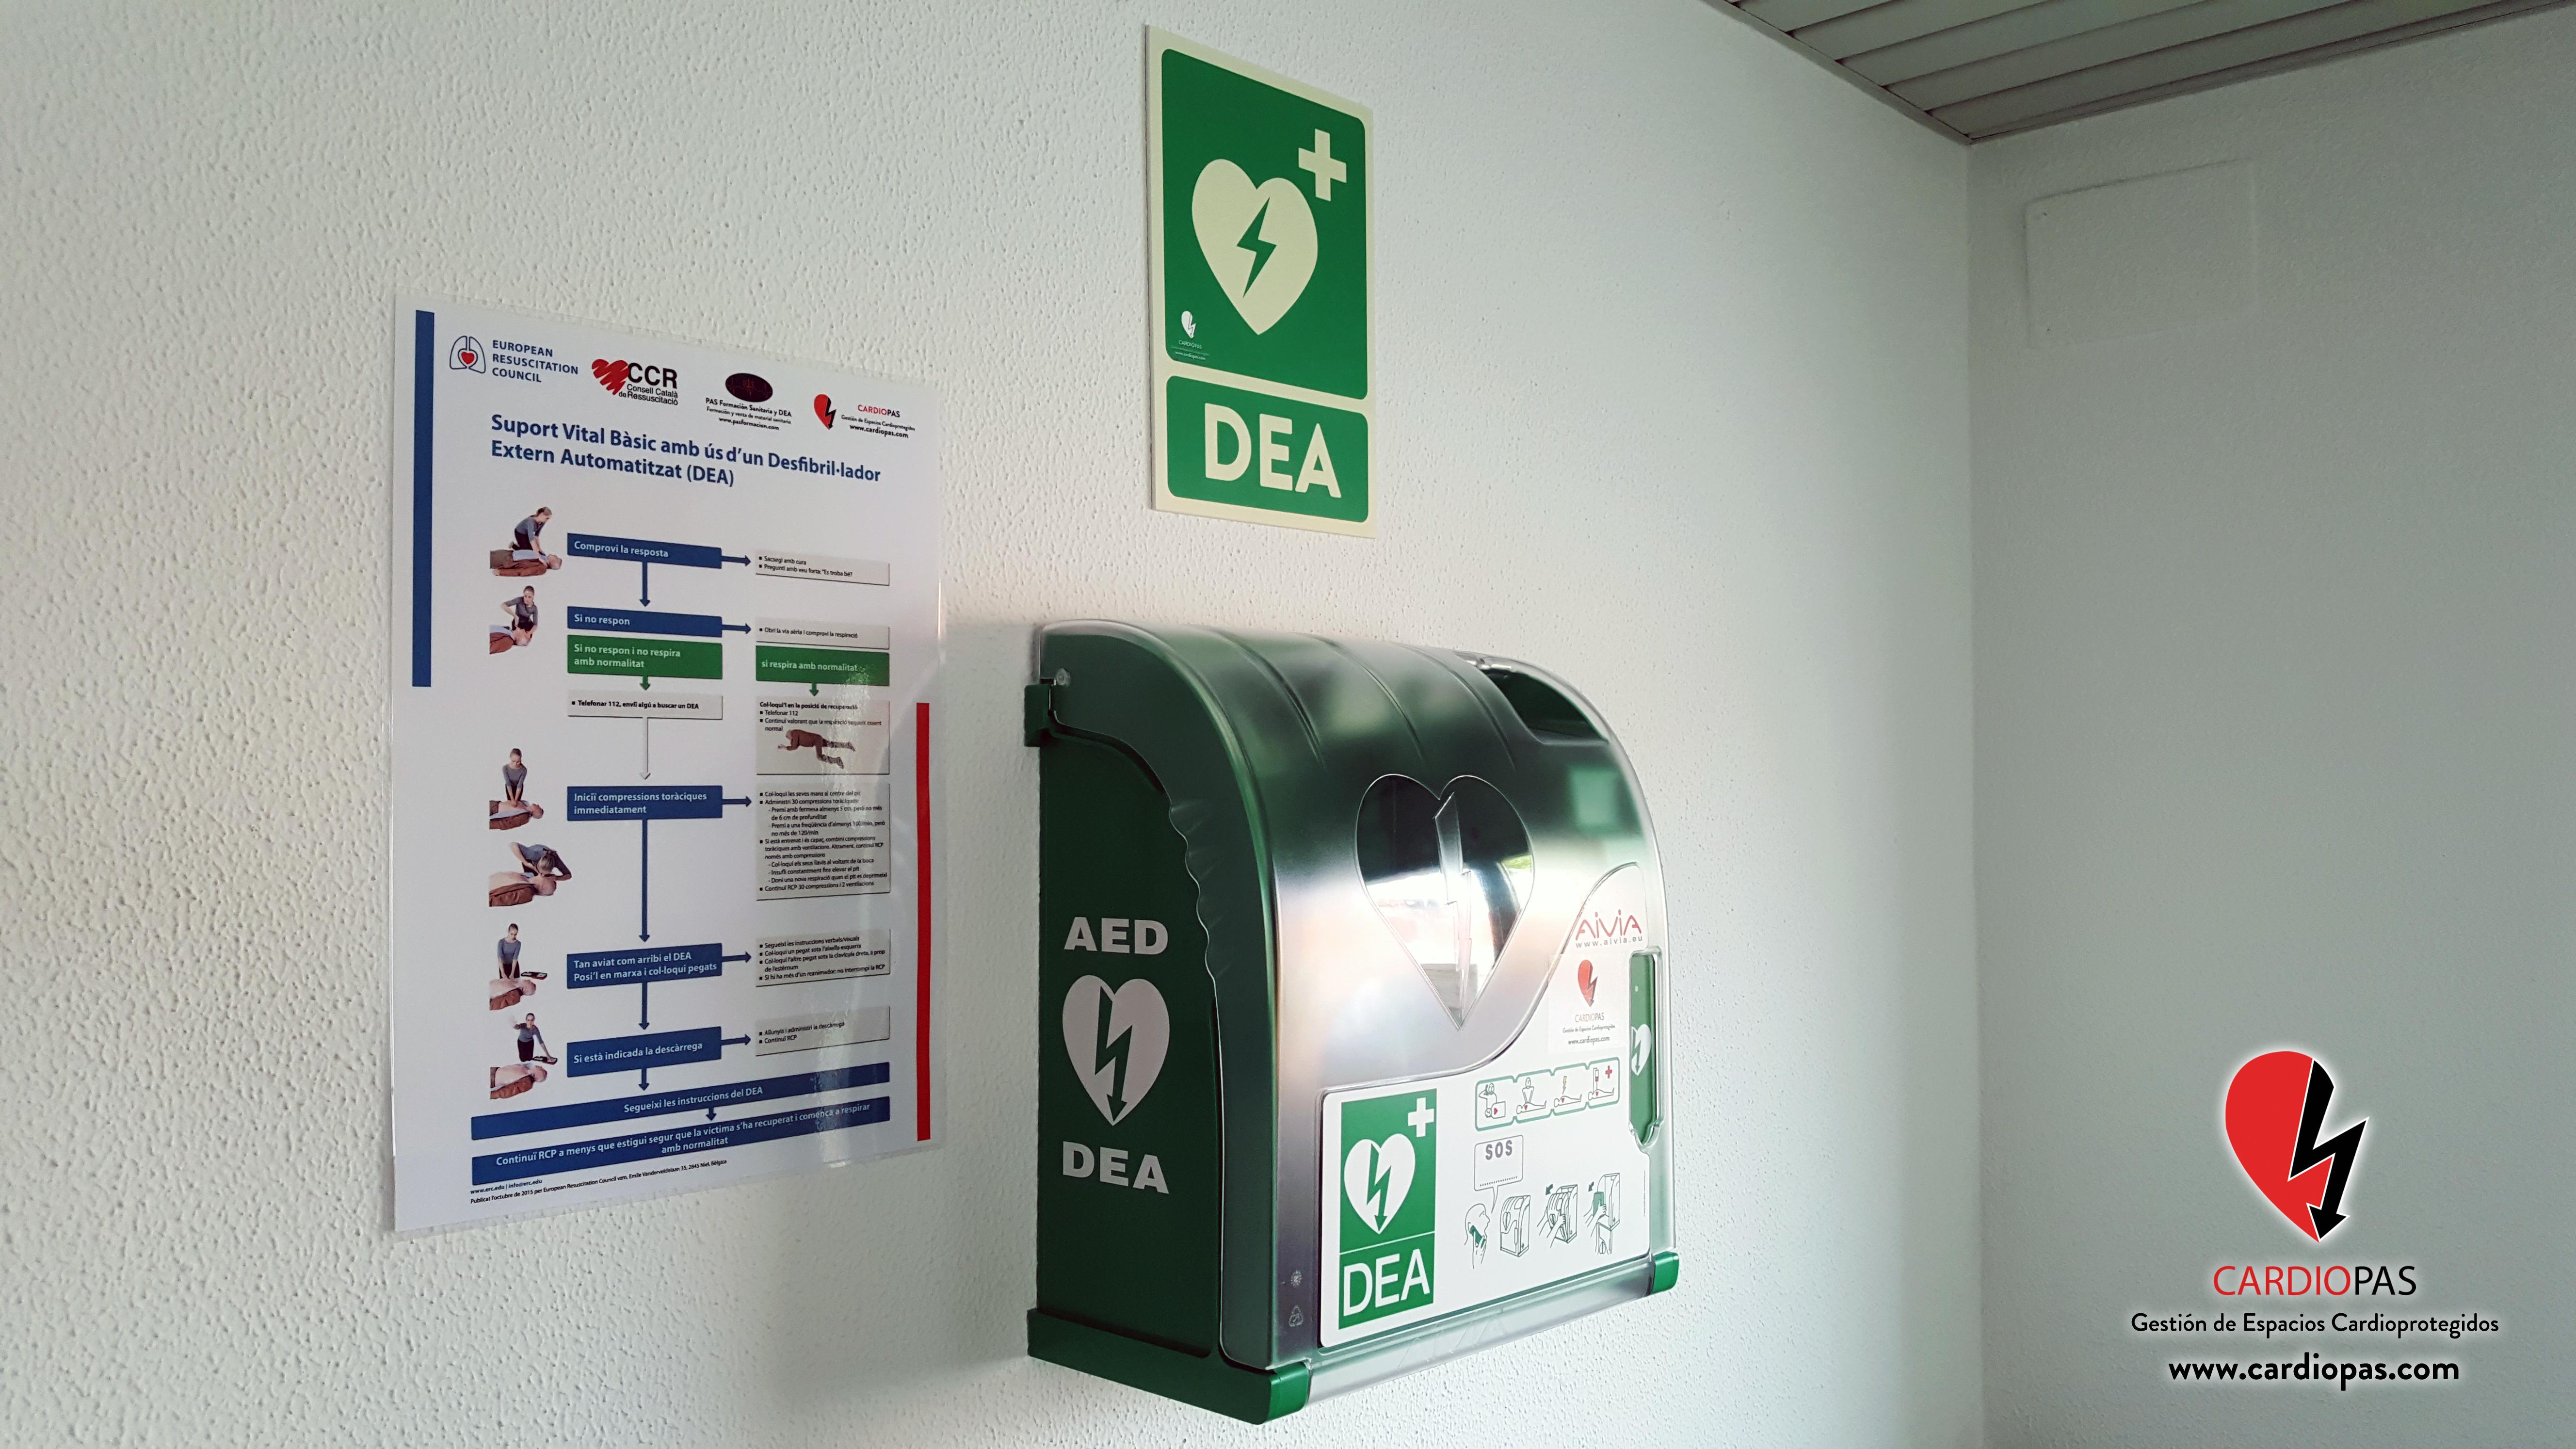 Des del passat 10 de novembre, la seu d'Envases Plásticos del Ter (ENPLATER), situada a Torroella de Montgrí (Girona), ha esdevingut unEspai Cardioprotegit; i es que han confiat en CardioPASGestió… READ MORE